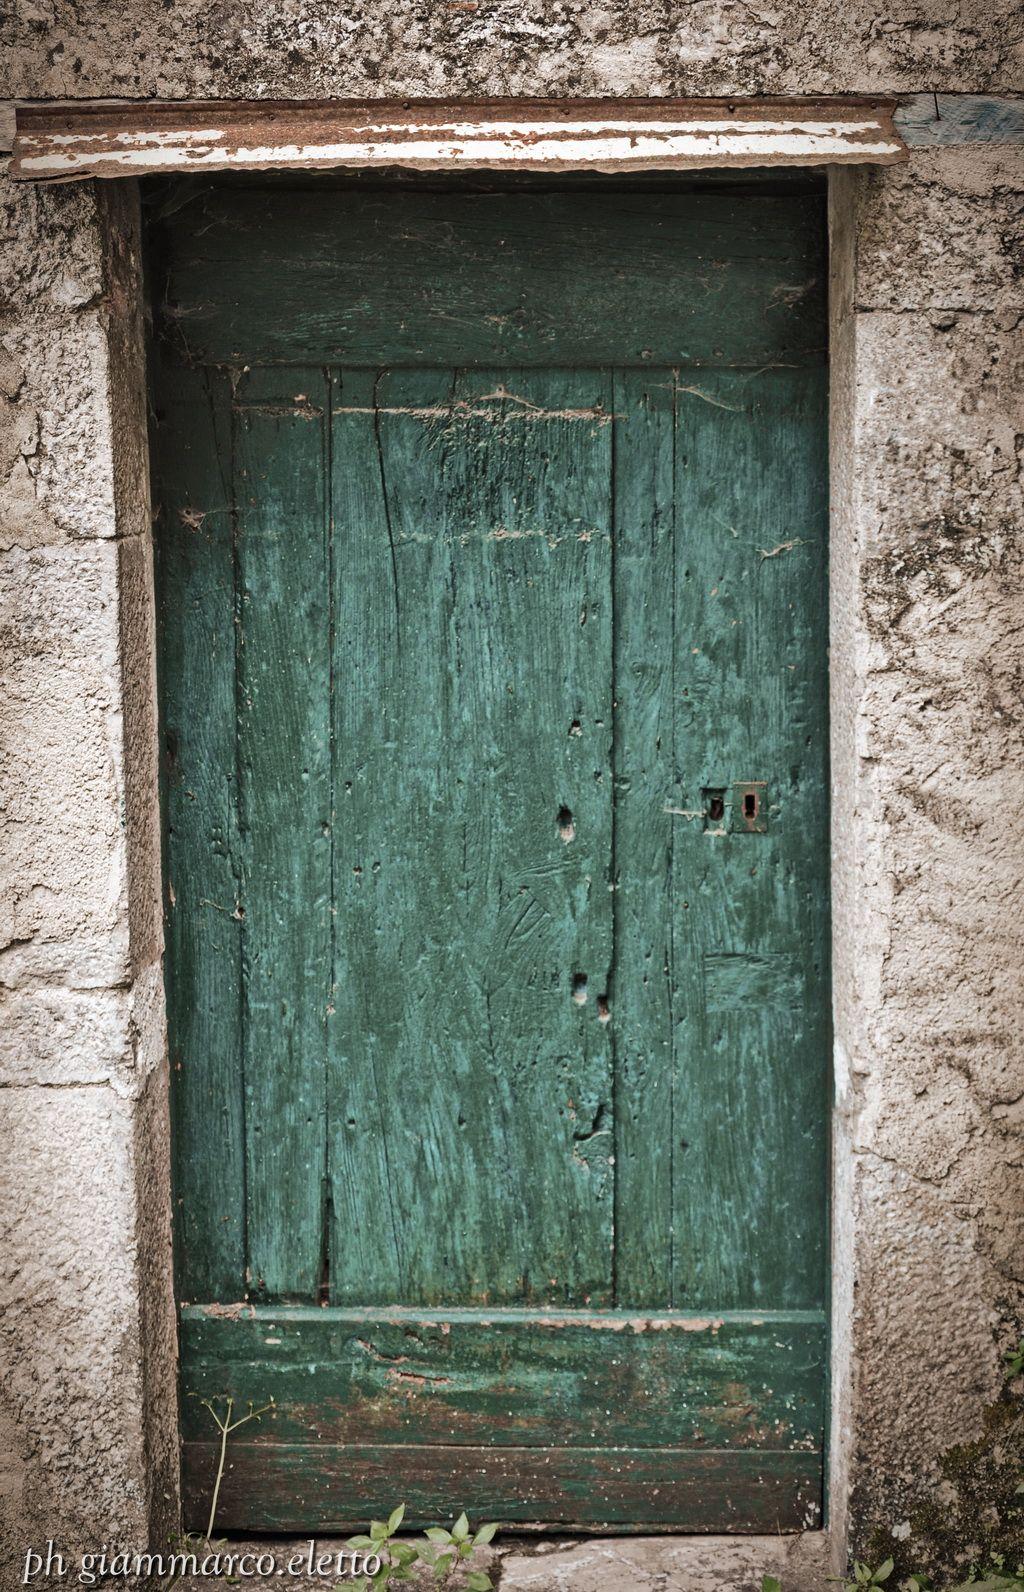 Mobili Avellino E Provincia porta antica delle vecchie cantine di caposele in provincia